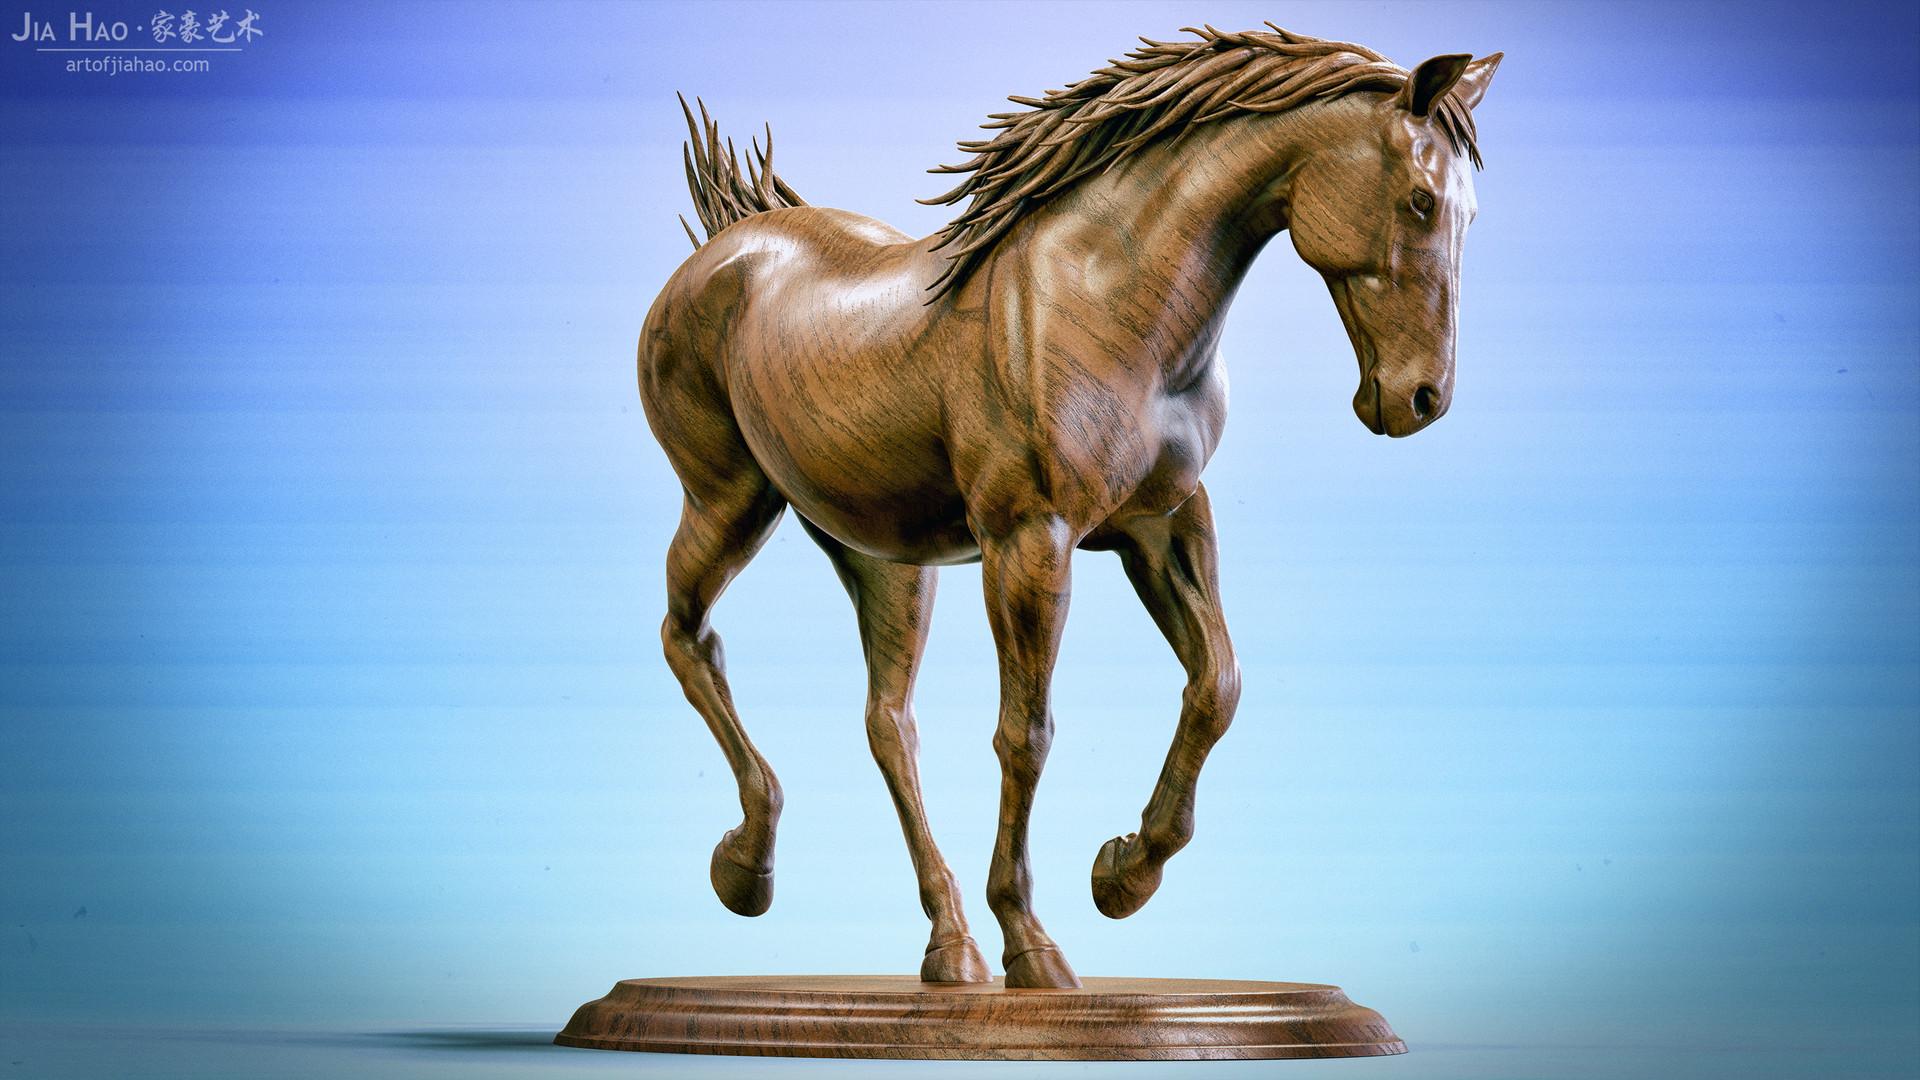 Jia hao horse sculpture comp wood 02